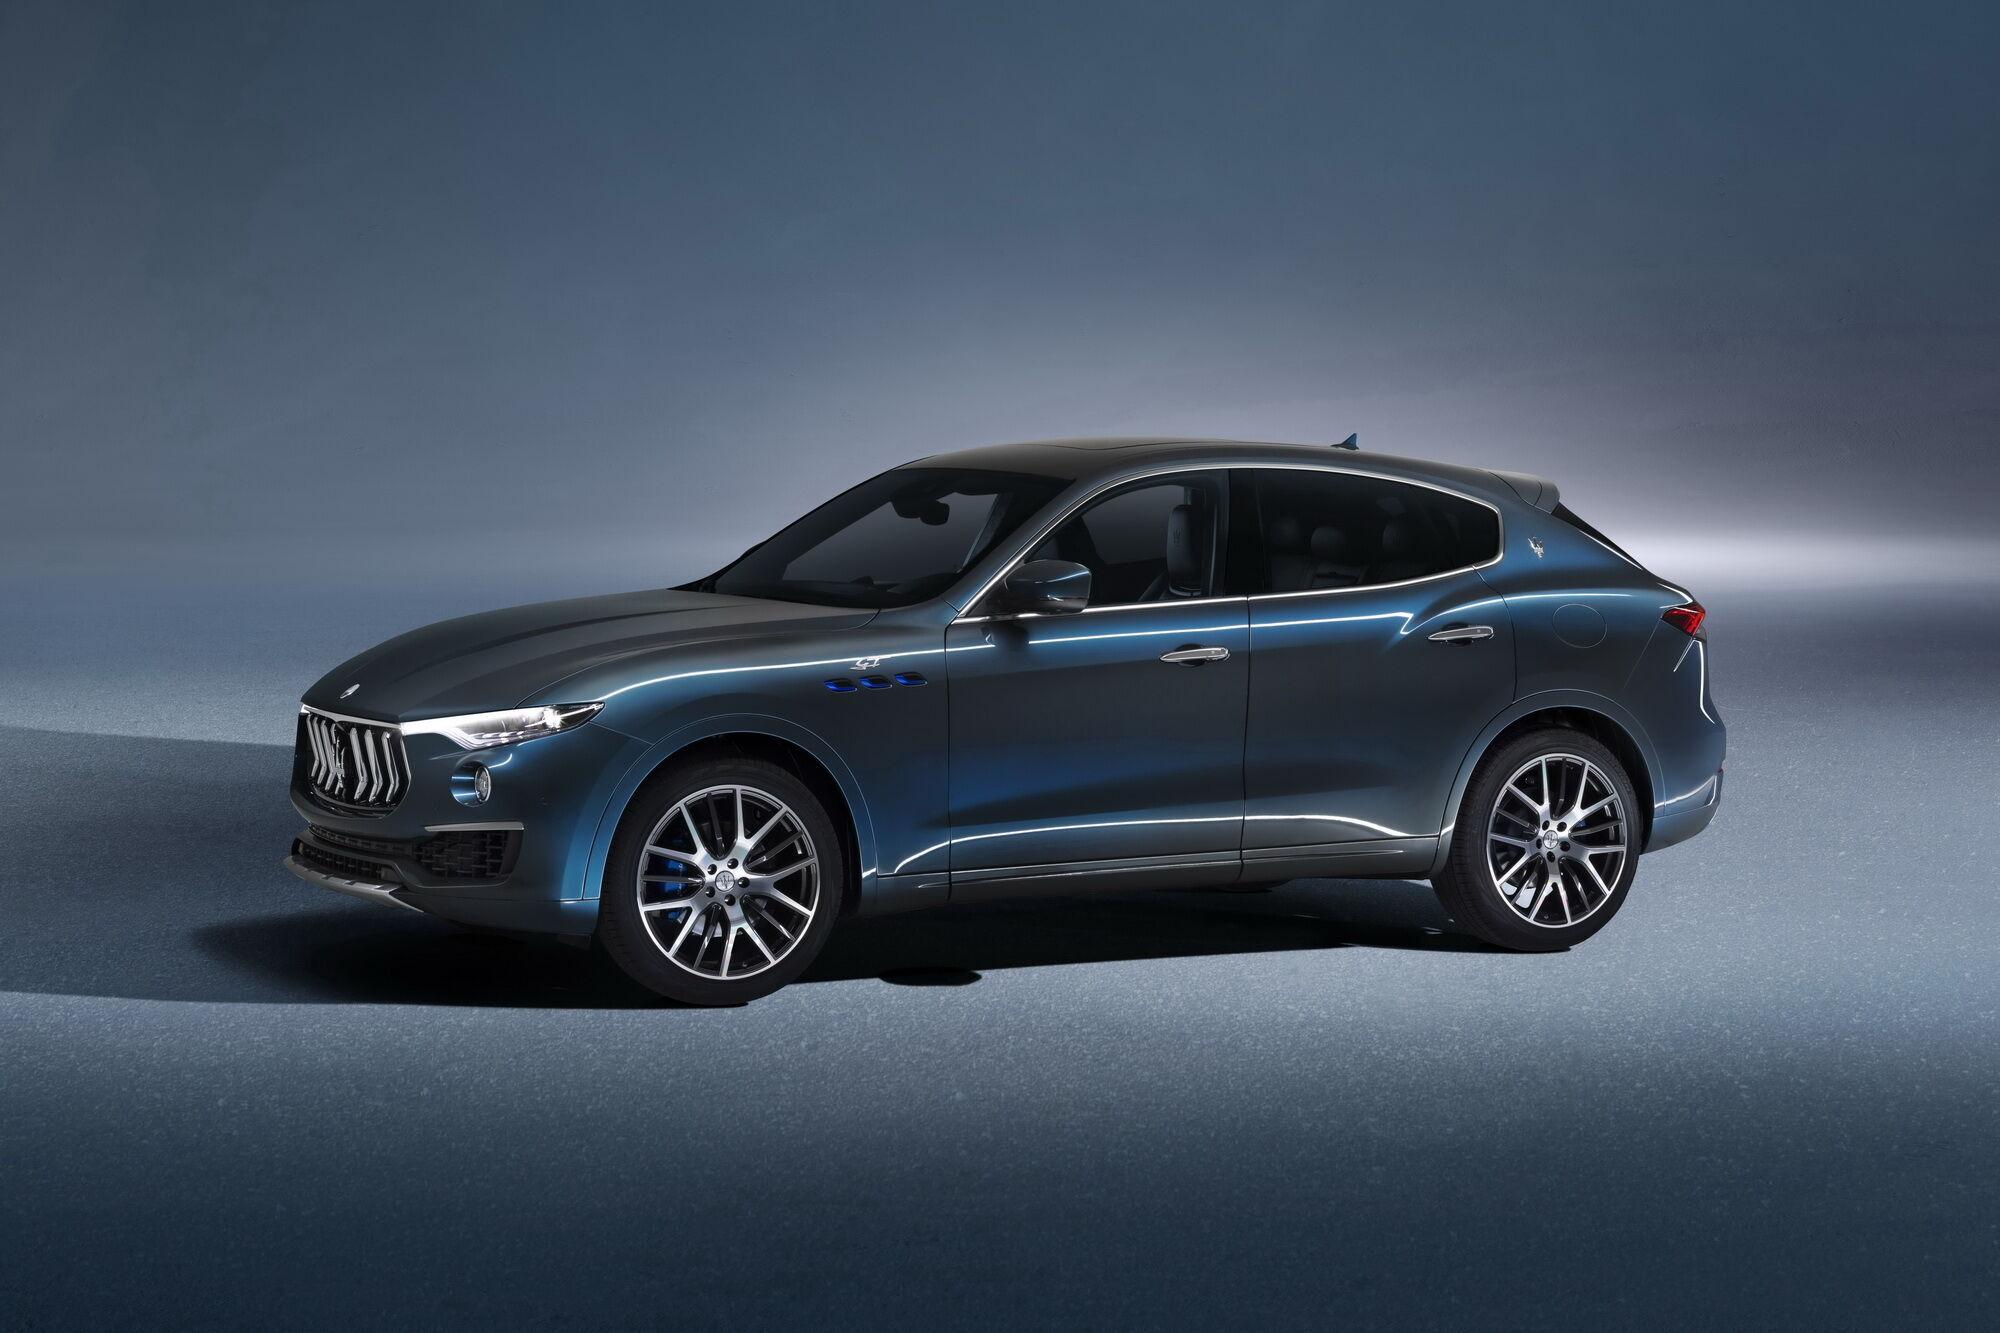 Maserati Levante Hybrid став другим представником гібридного сімейства бренду